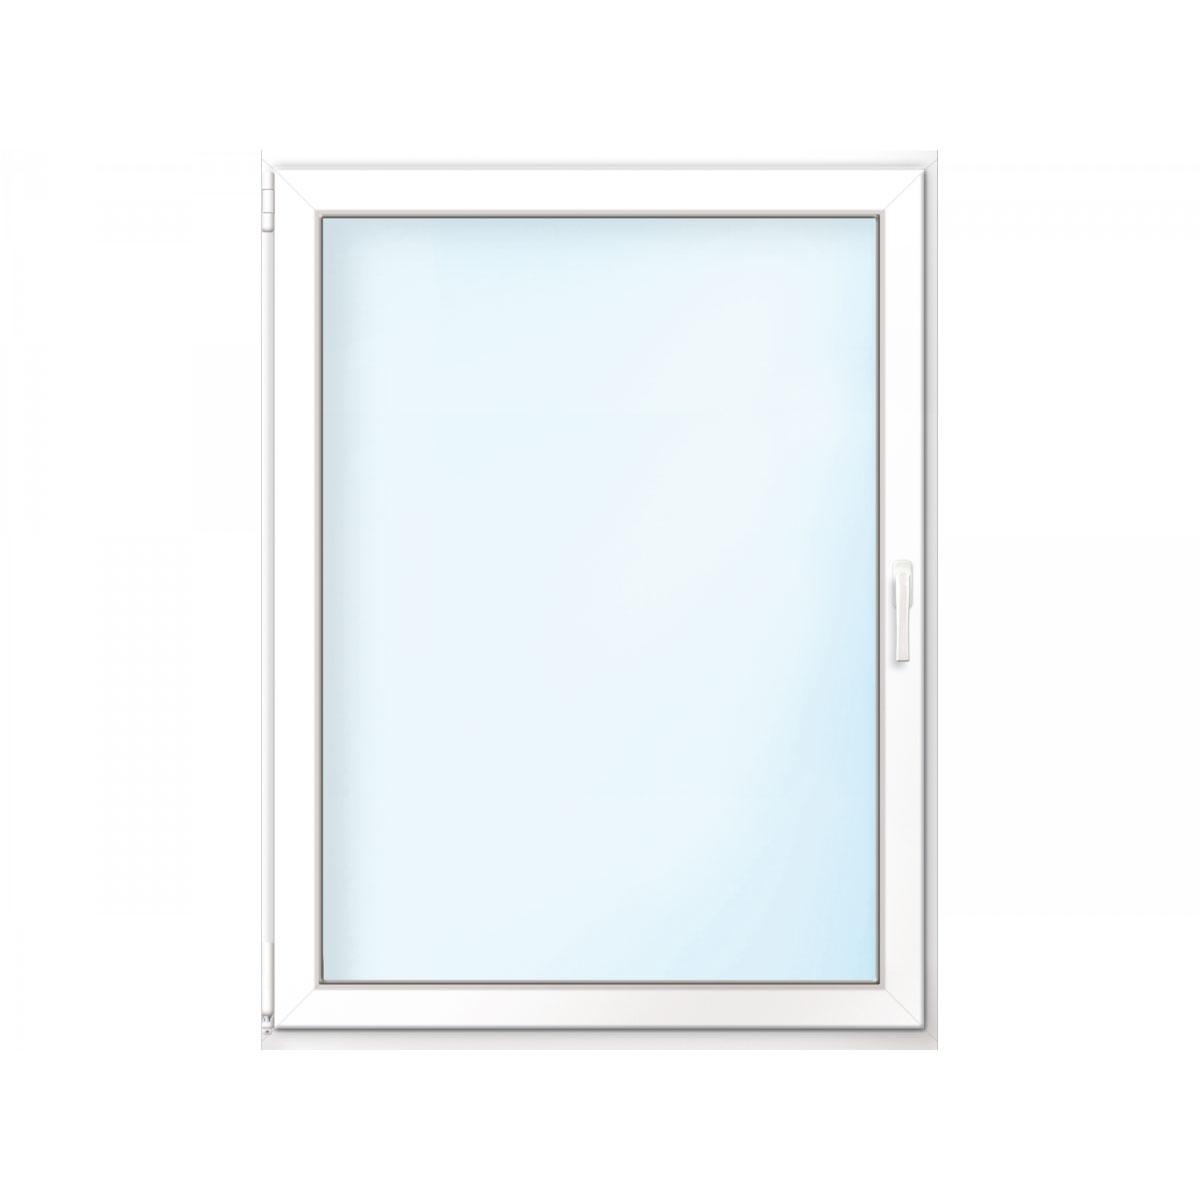 Fenster PVC 70/3 weiß/weiß Anschlag links 75x90 cm